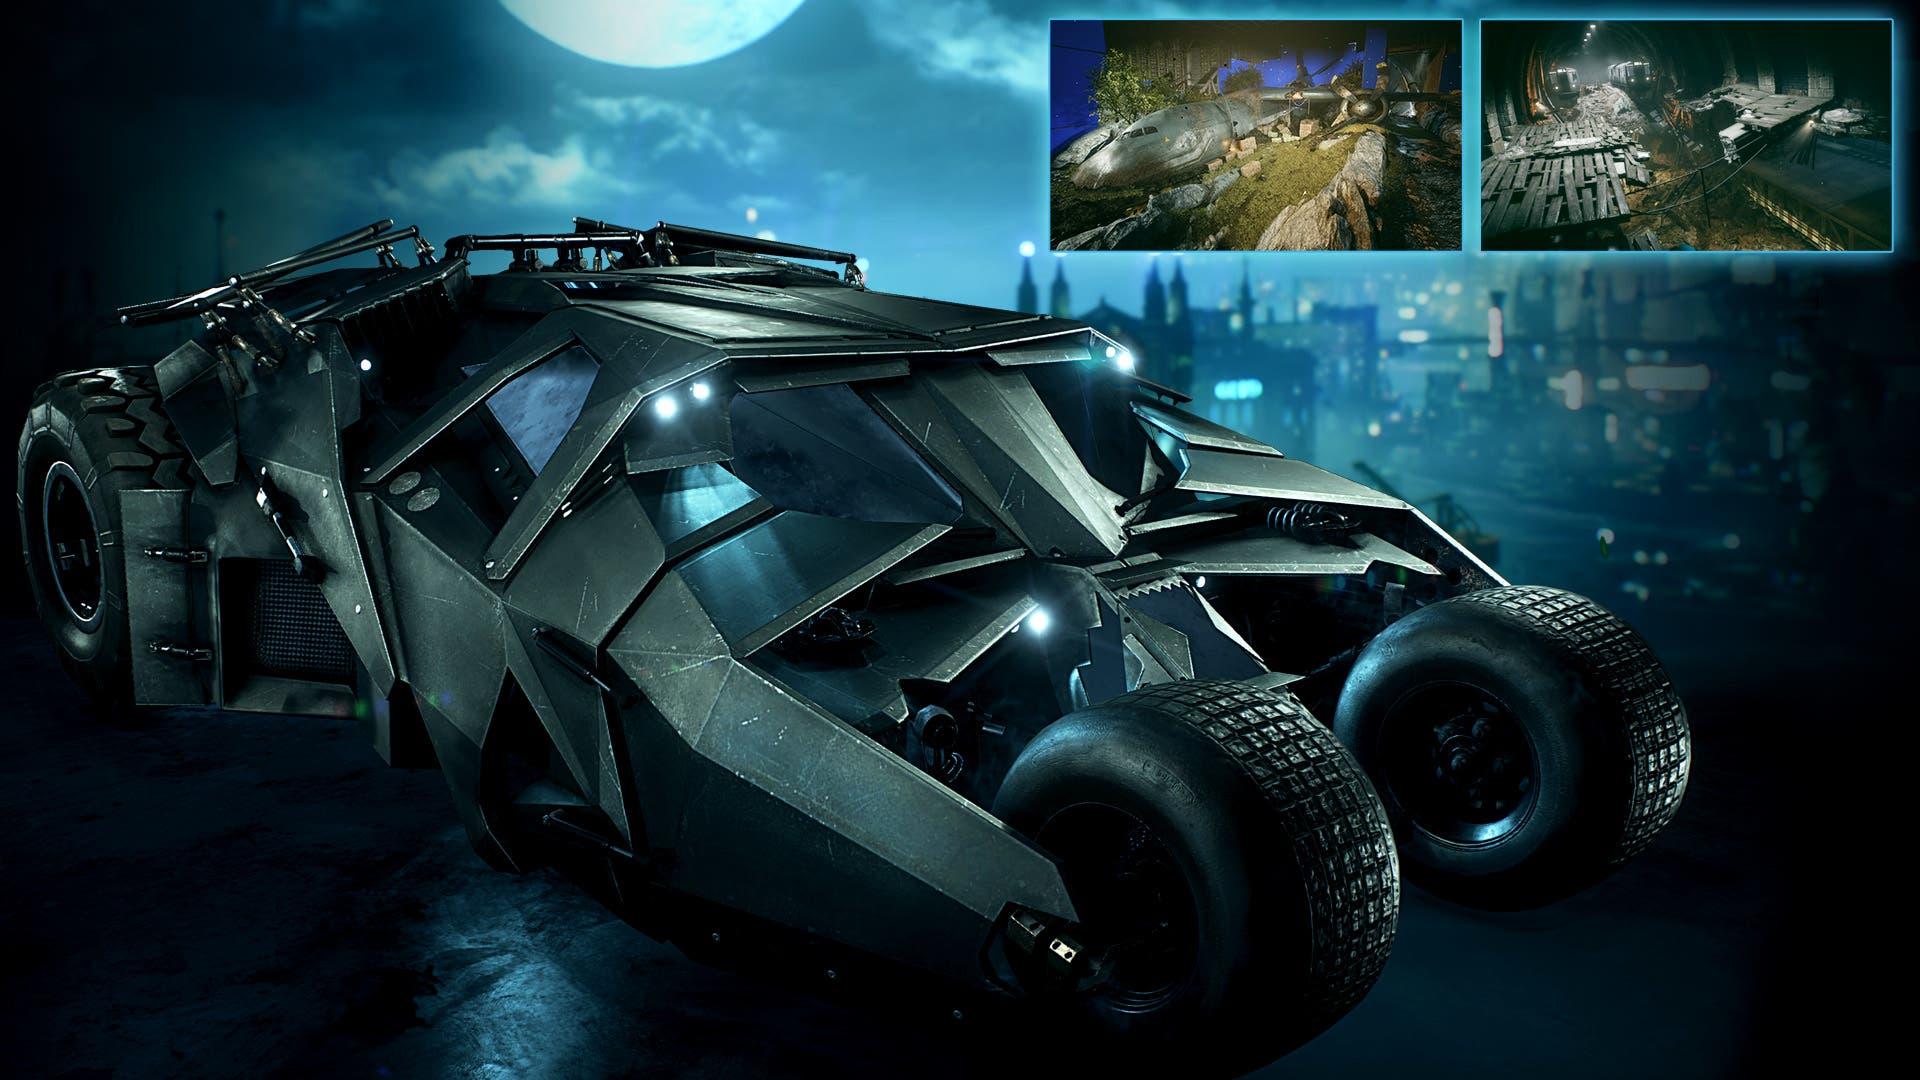 BatmanAKTumbler featured